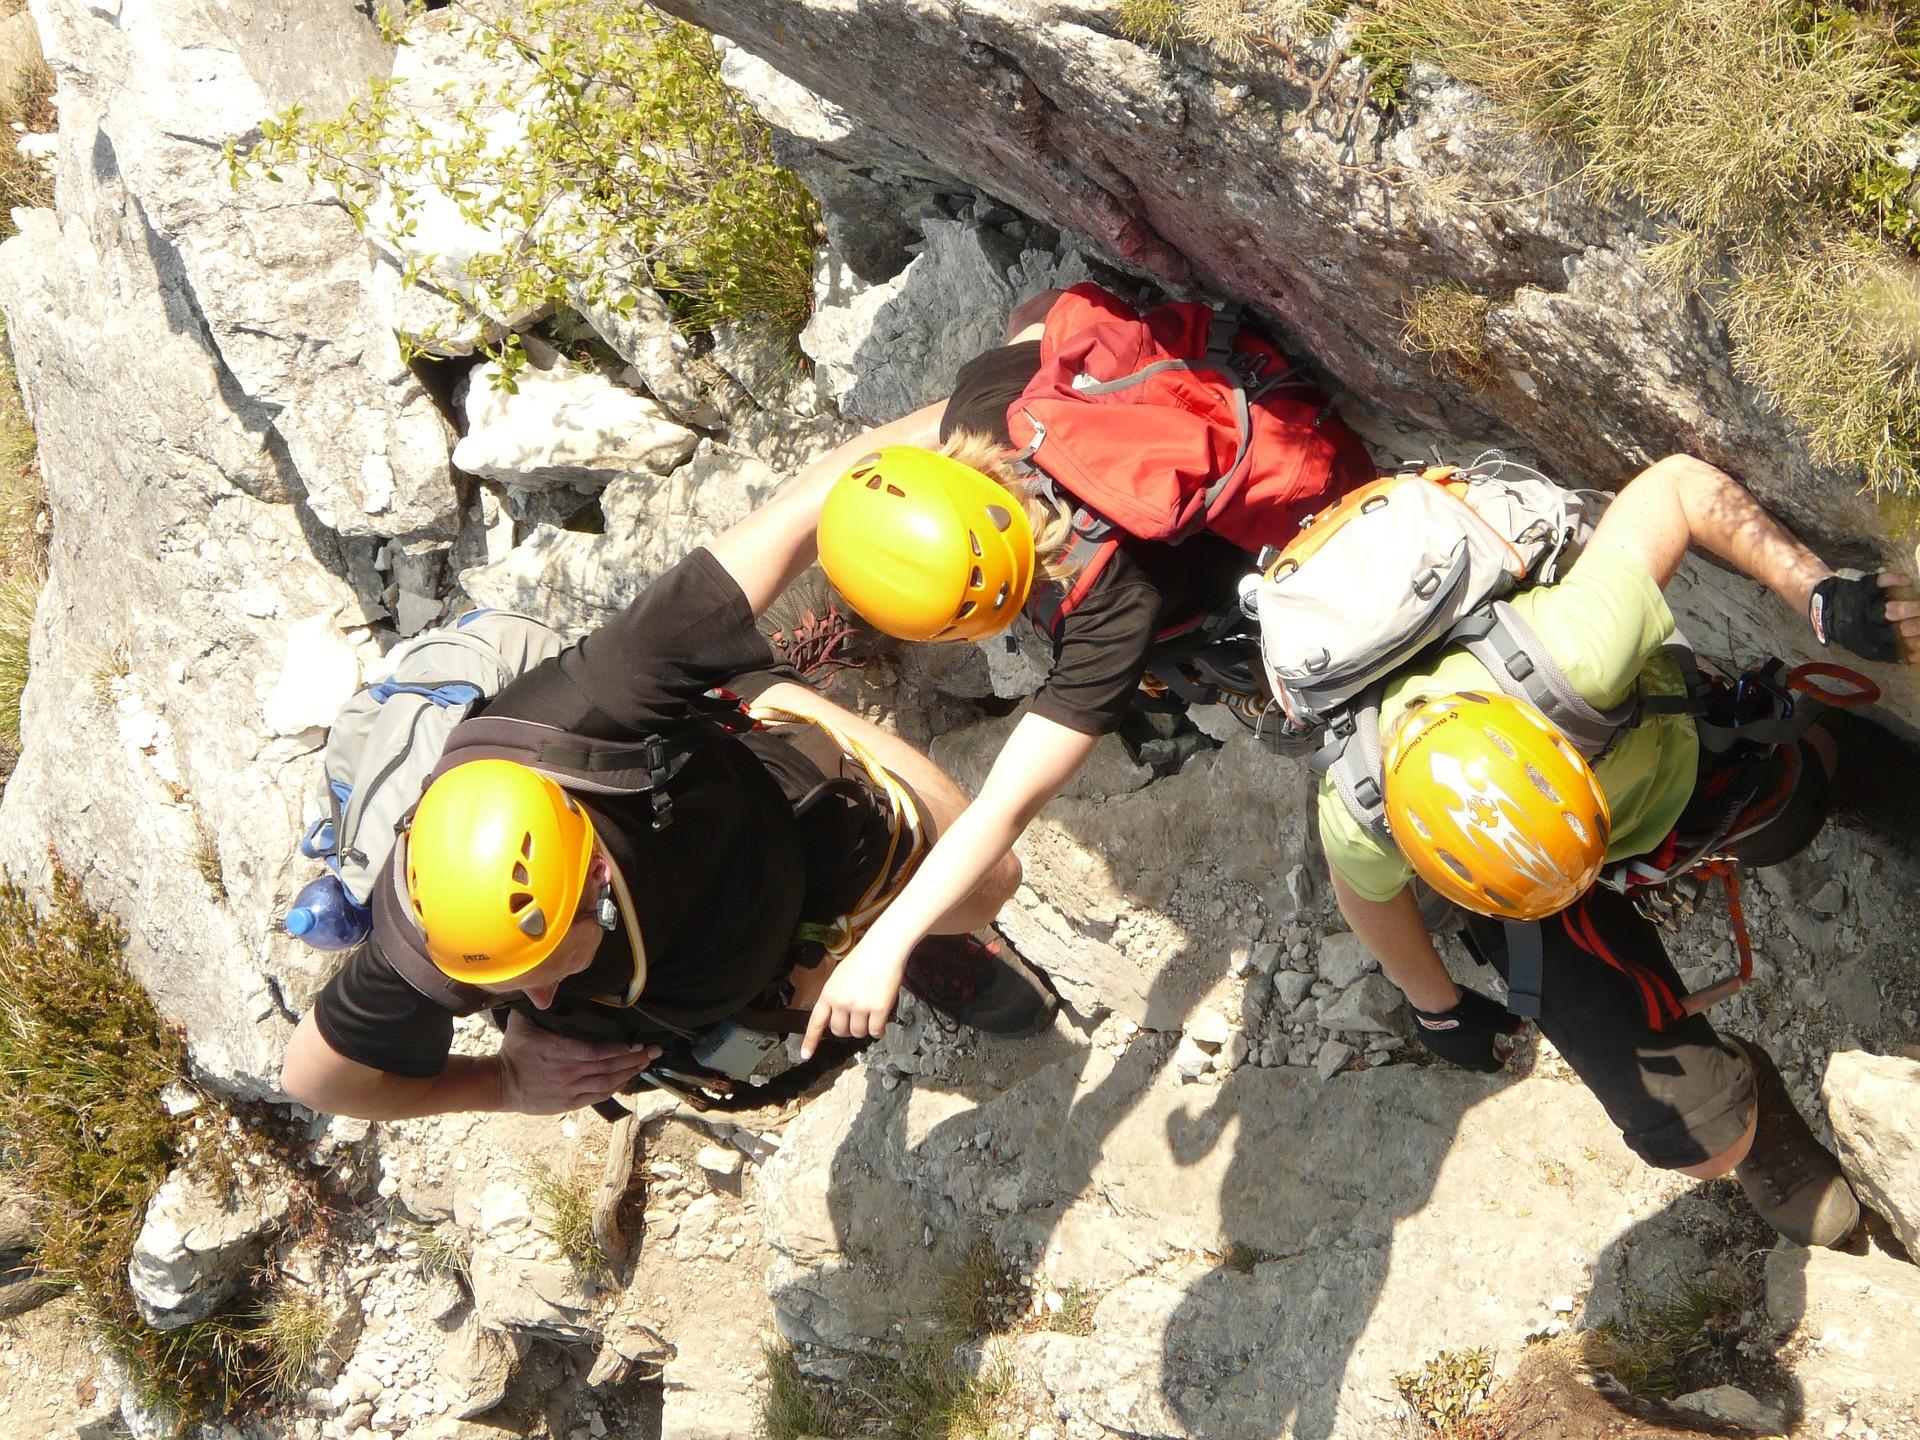 Grupo de escaladores usando de seguridad